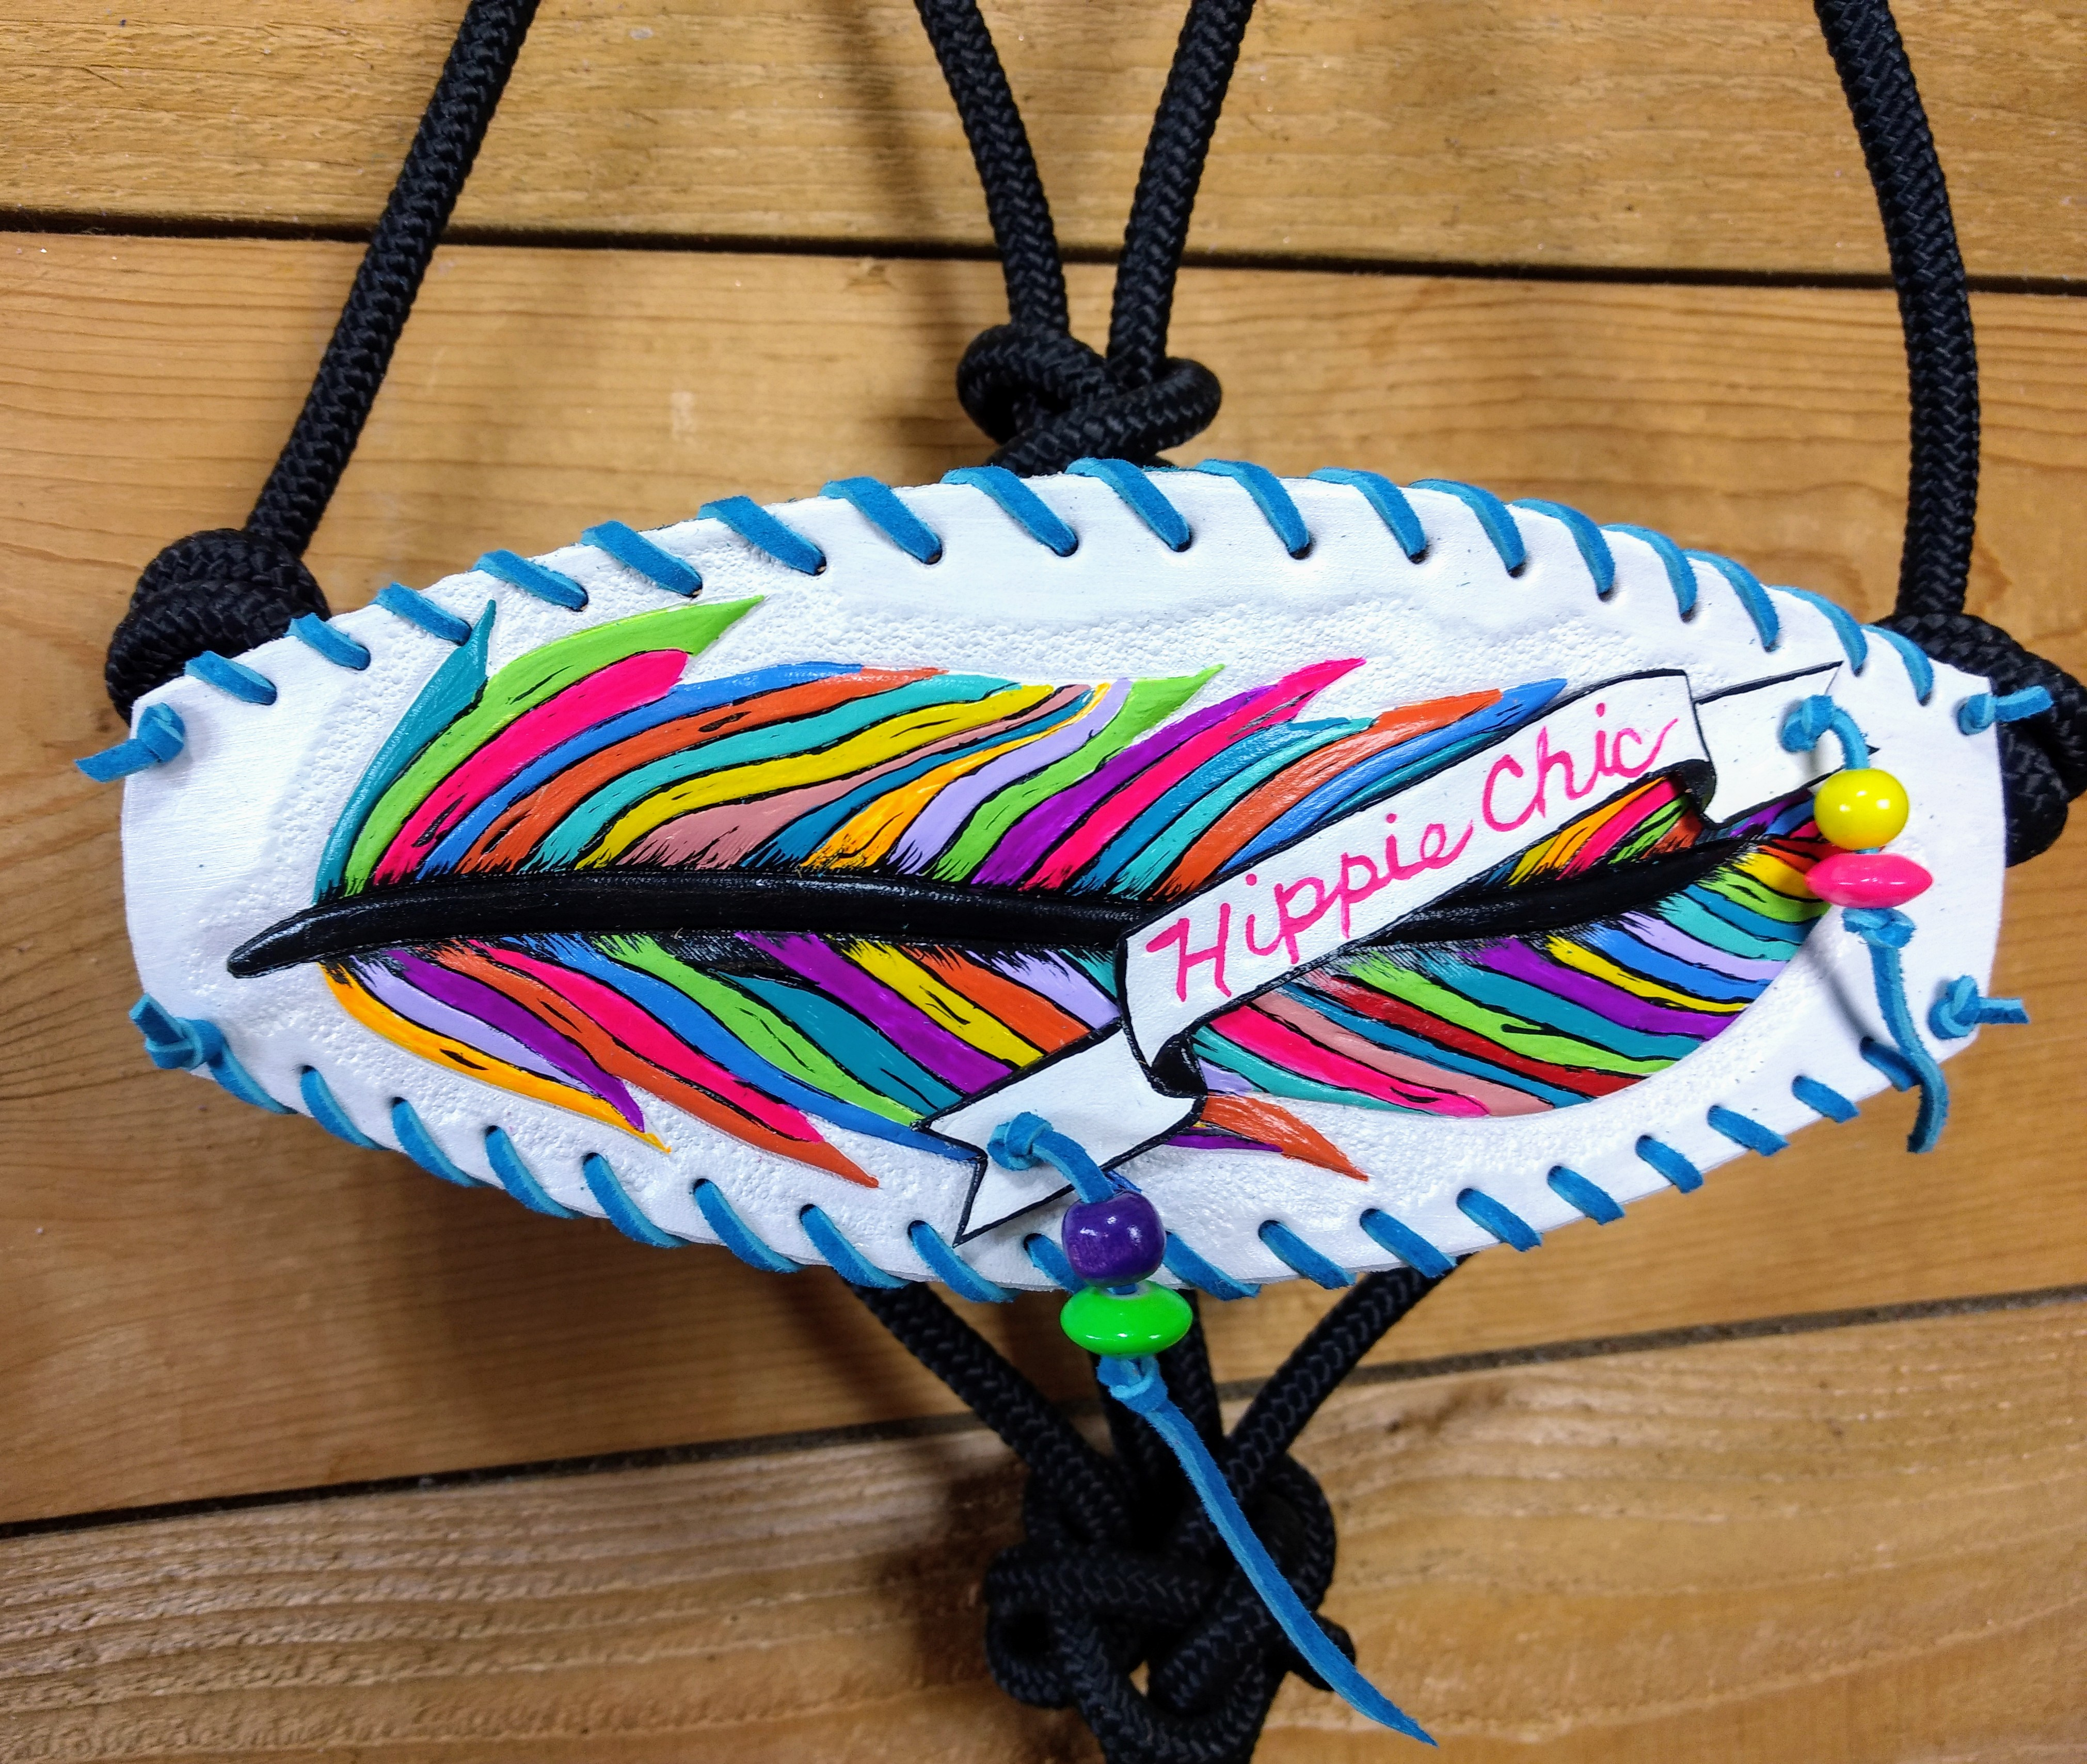 H940 $125 Hippie Chic white feather